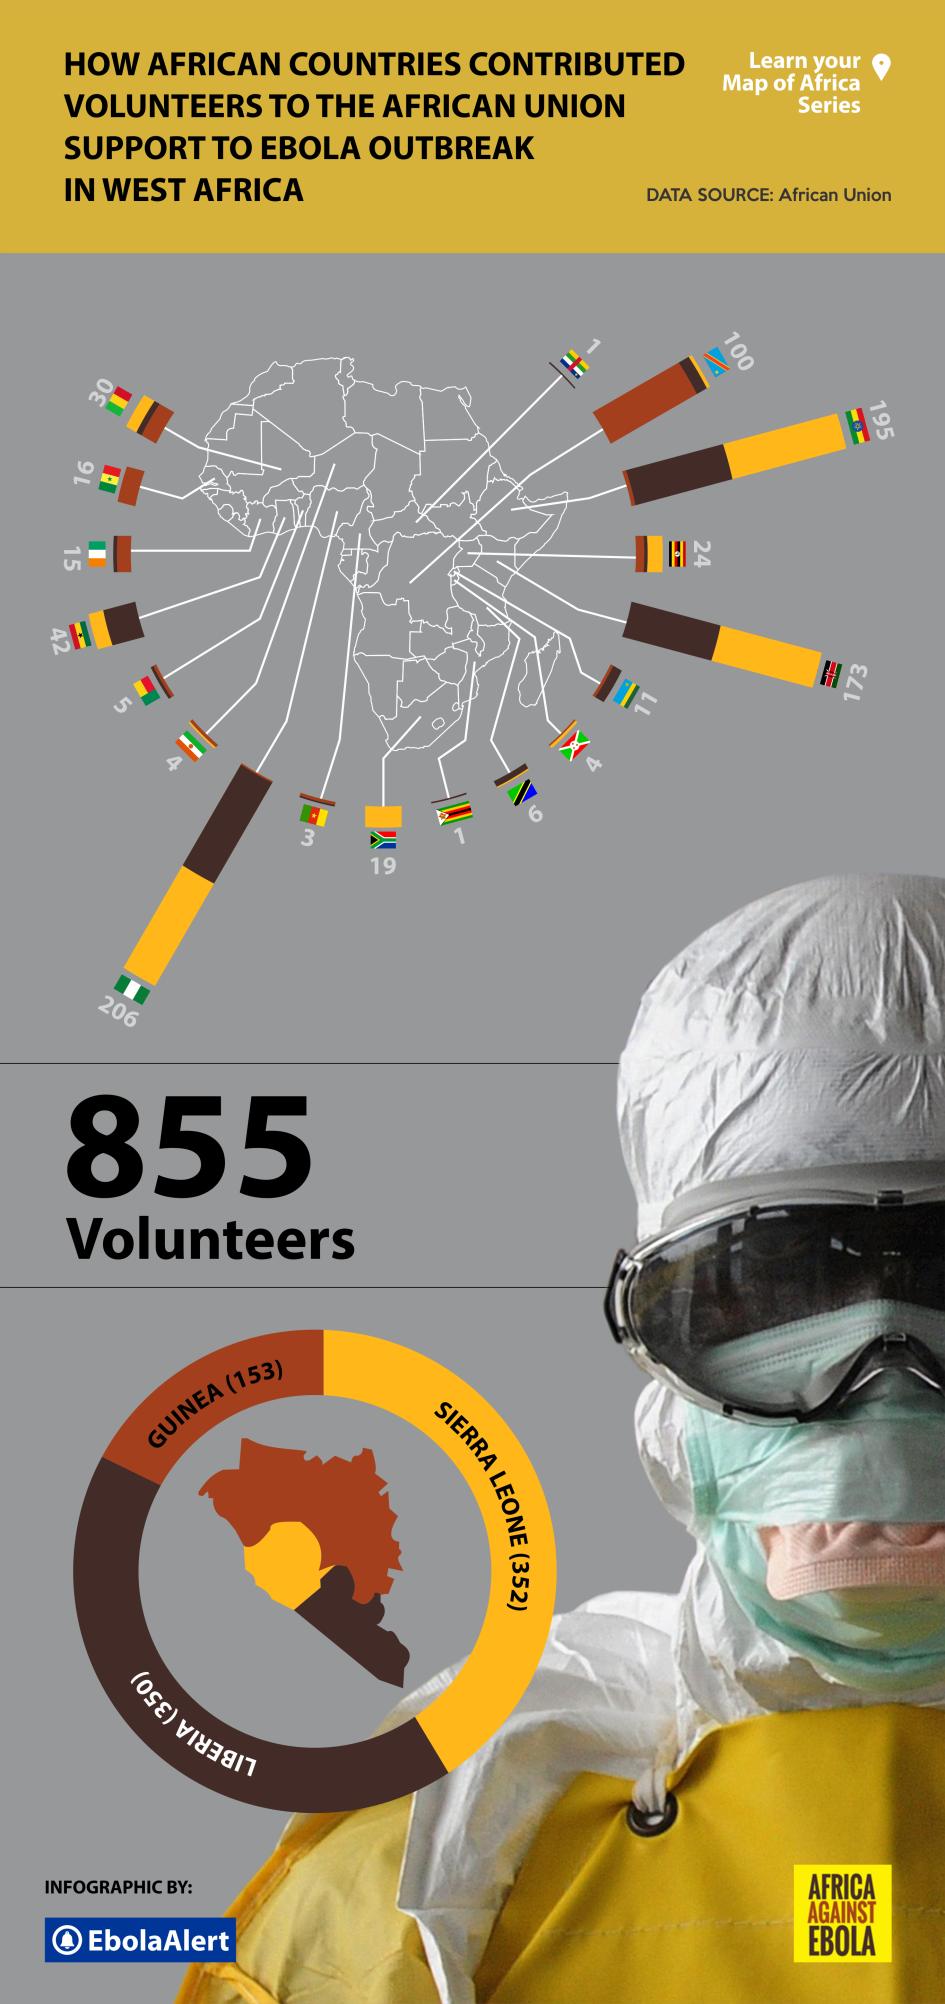 volunteers from africa